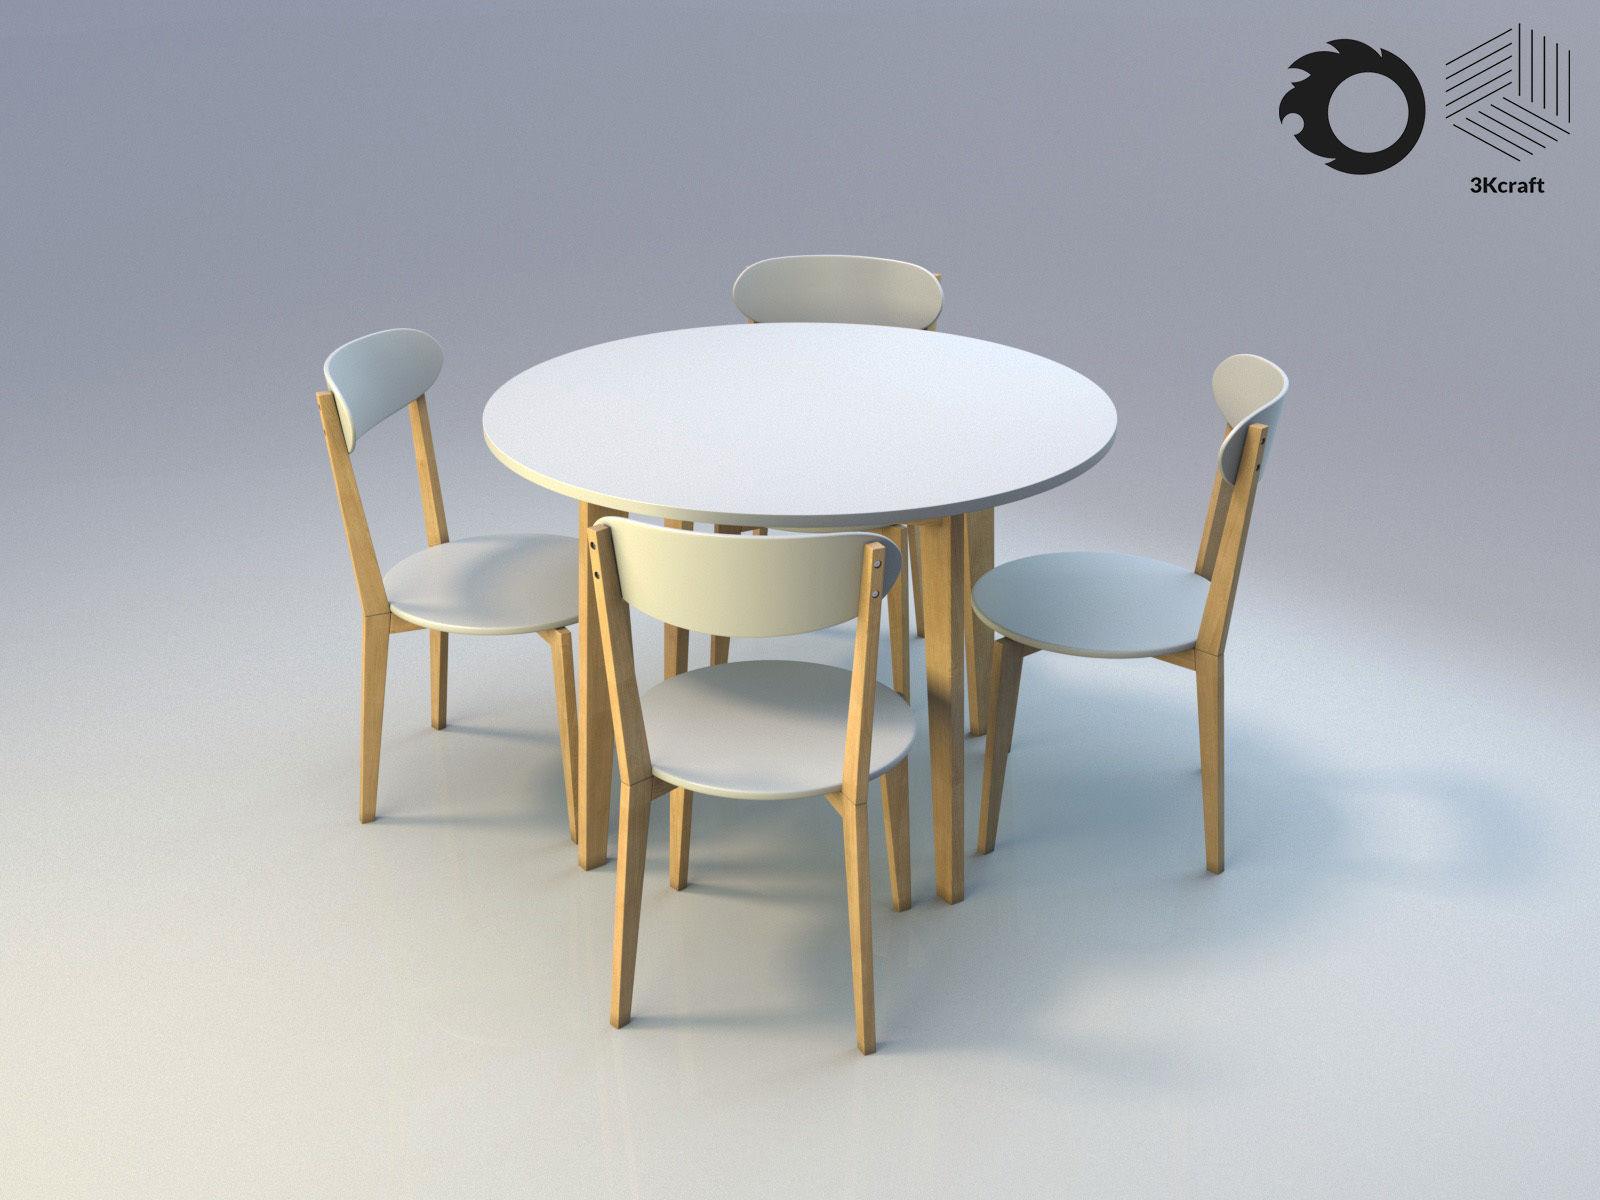 kitchen set JEGIND Jysk   9D model